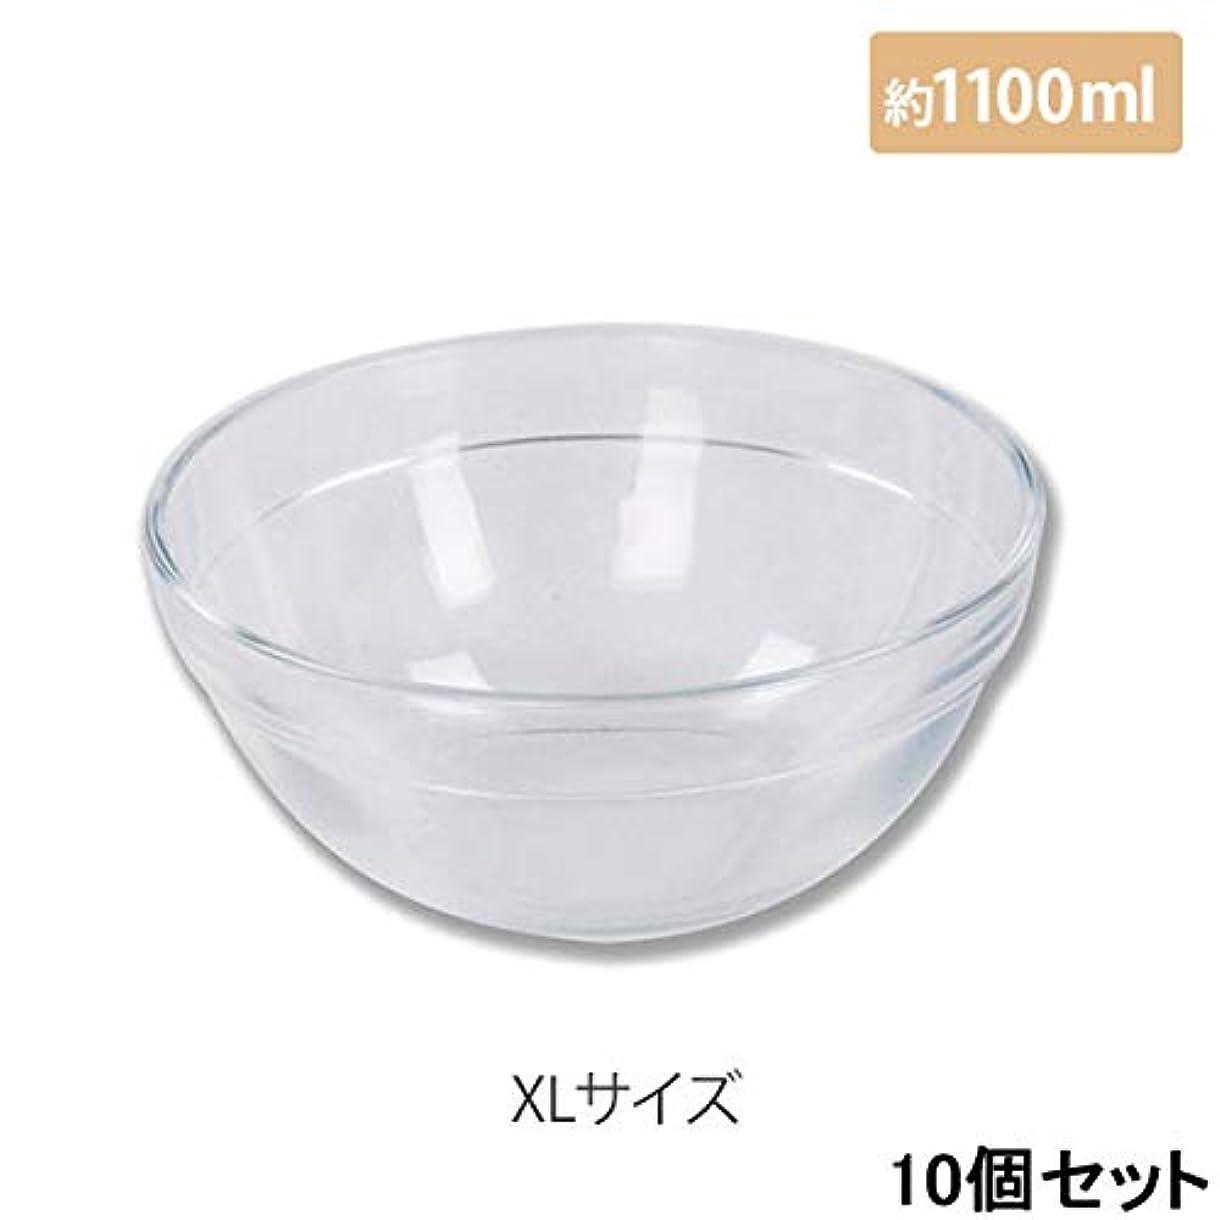 クルーズずっとフローマイスター プラスティックボウル (XLサイズ) クリア 直径20cm (10個セット) [ プラスチックボール カップボウル カップボール エステ サロン プラスチック ボウル カップ 割れない ]